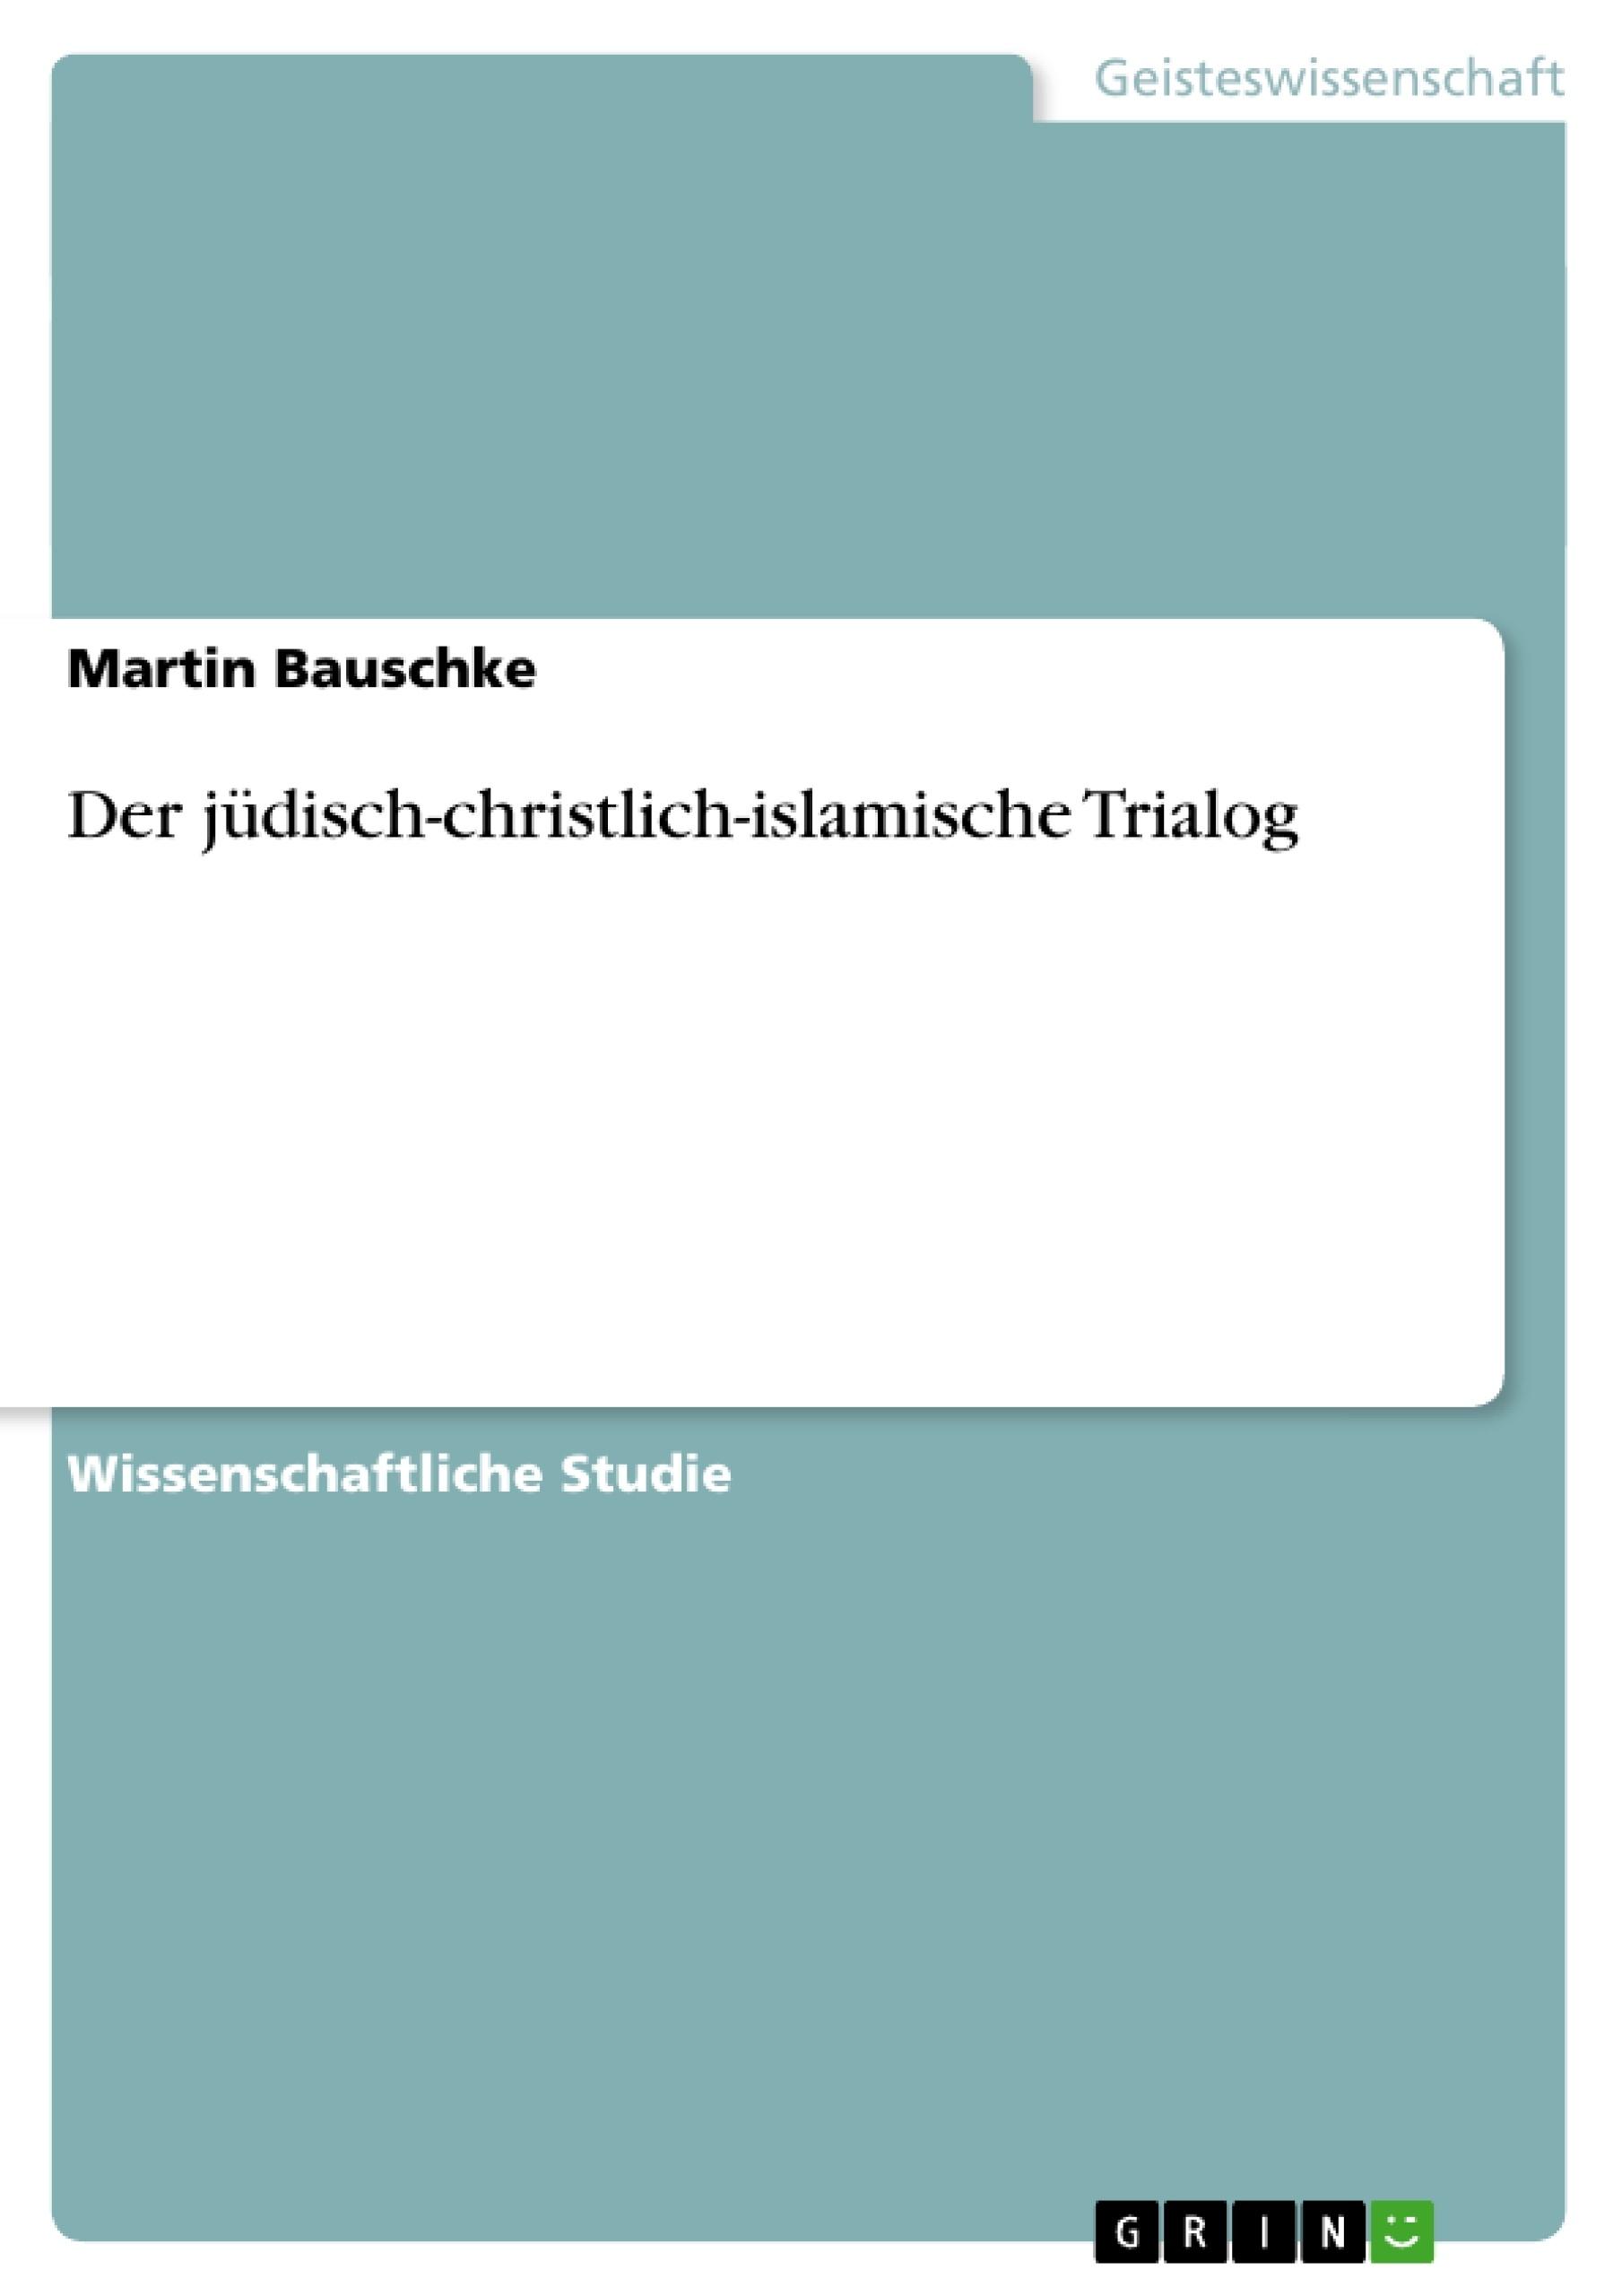 Titel: Der jüdisch-christlich-islamische Trialog